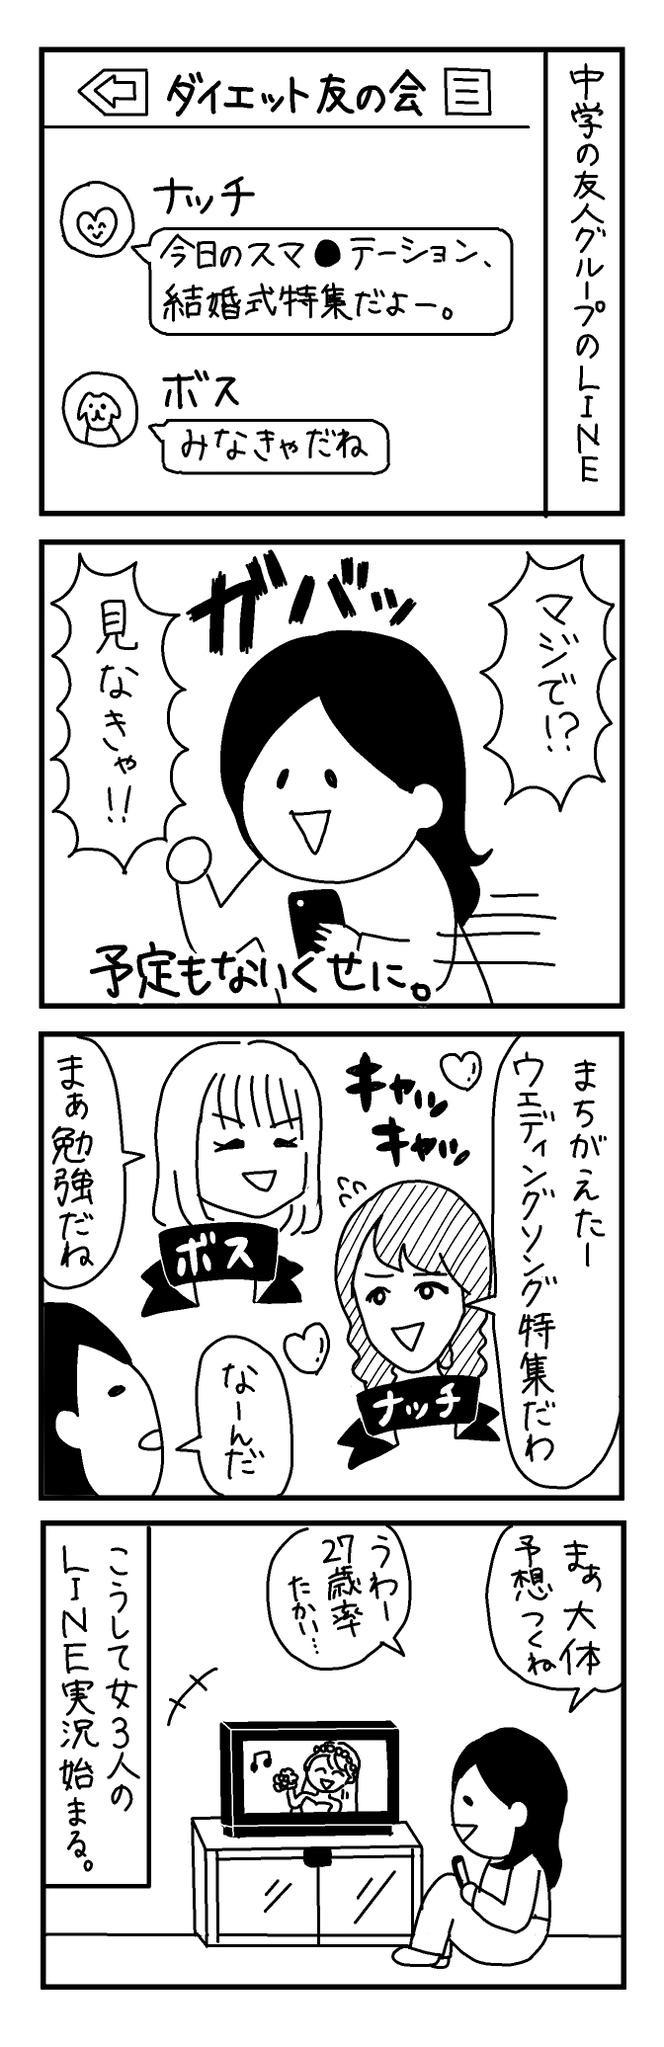 【4コマ漫画】第16回「ビクトリアな日々」作:ビクトリアブラディーヌ